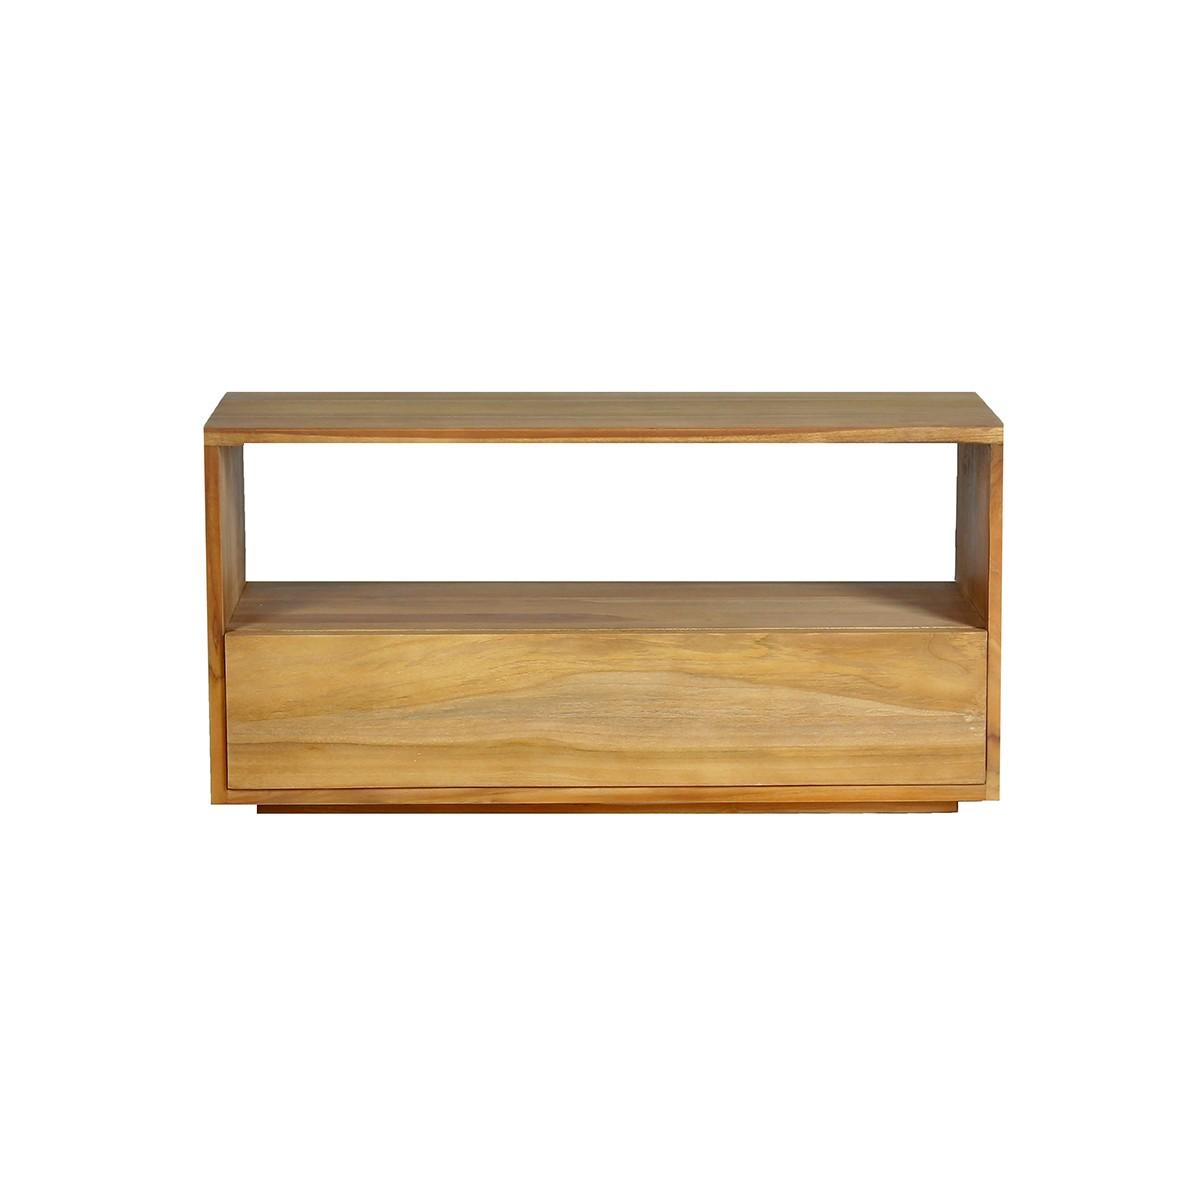 Meuble TV en bois de teck 1 tiroir